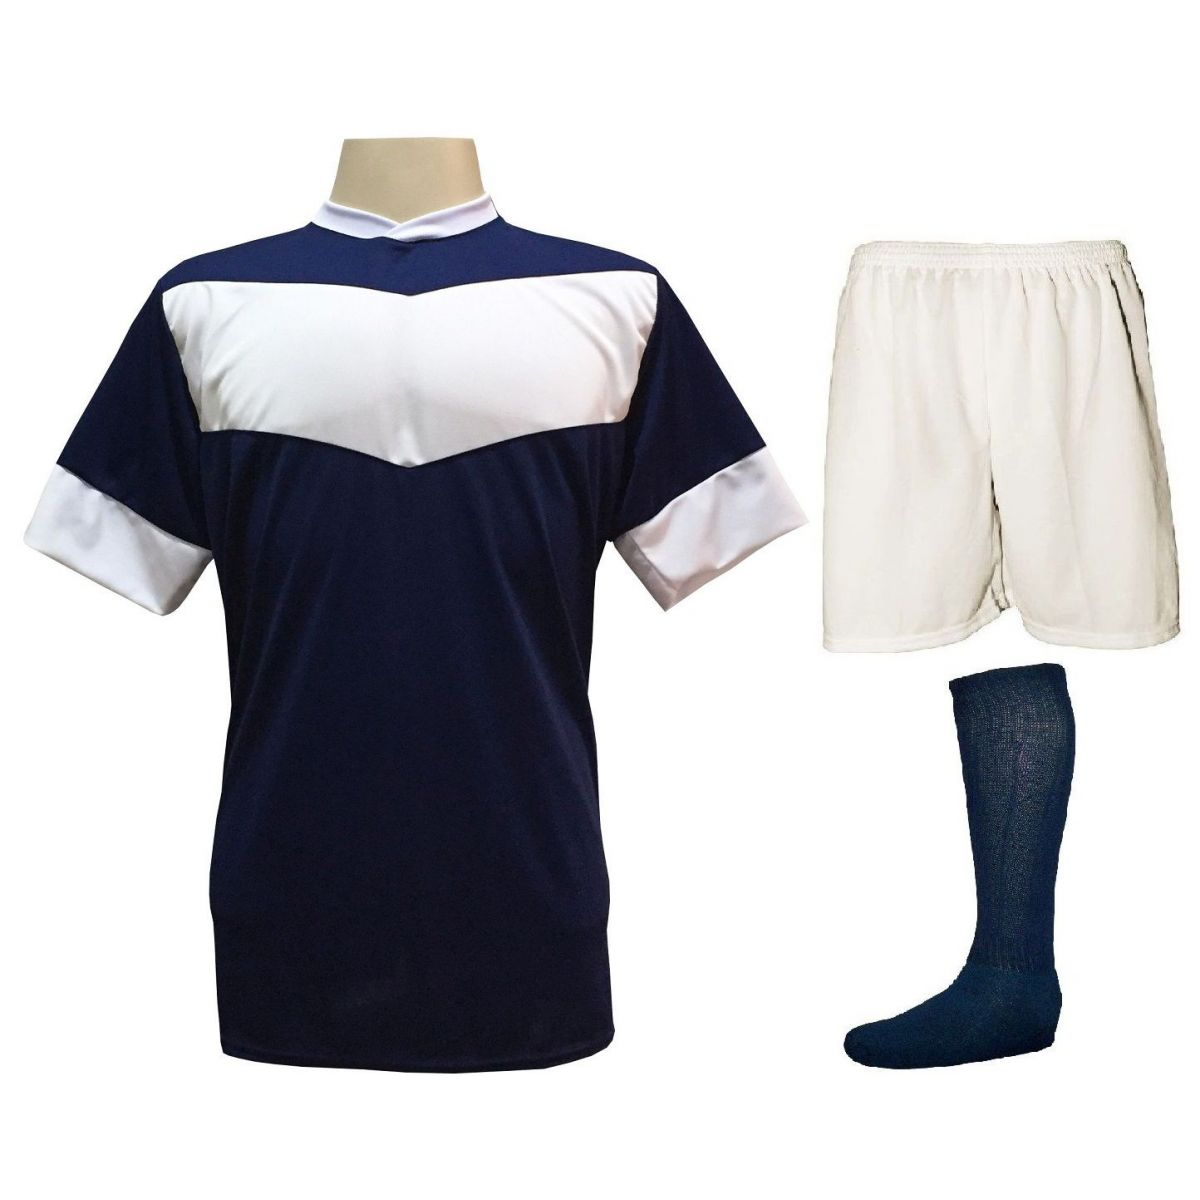 Fardamento Completo Modelo Columbus 18+1 (18 Camisas Marinho/Branco + 18 Calções Madrid Branco + 18 Pares de Meiões Marinho + 1 Conjunto de Goleiro) + Brindes